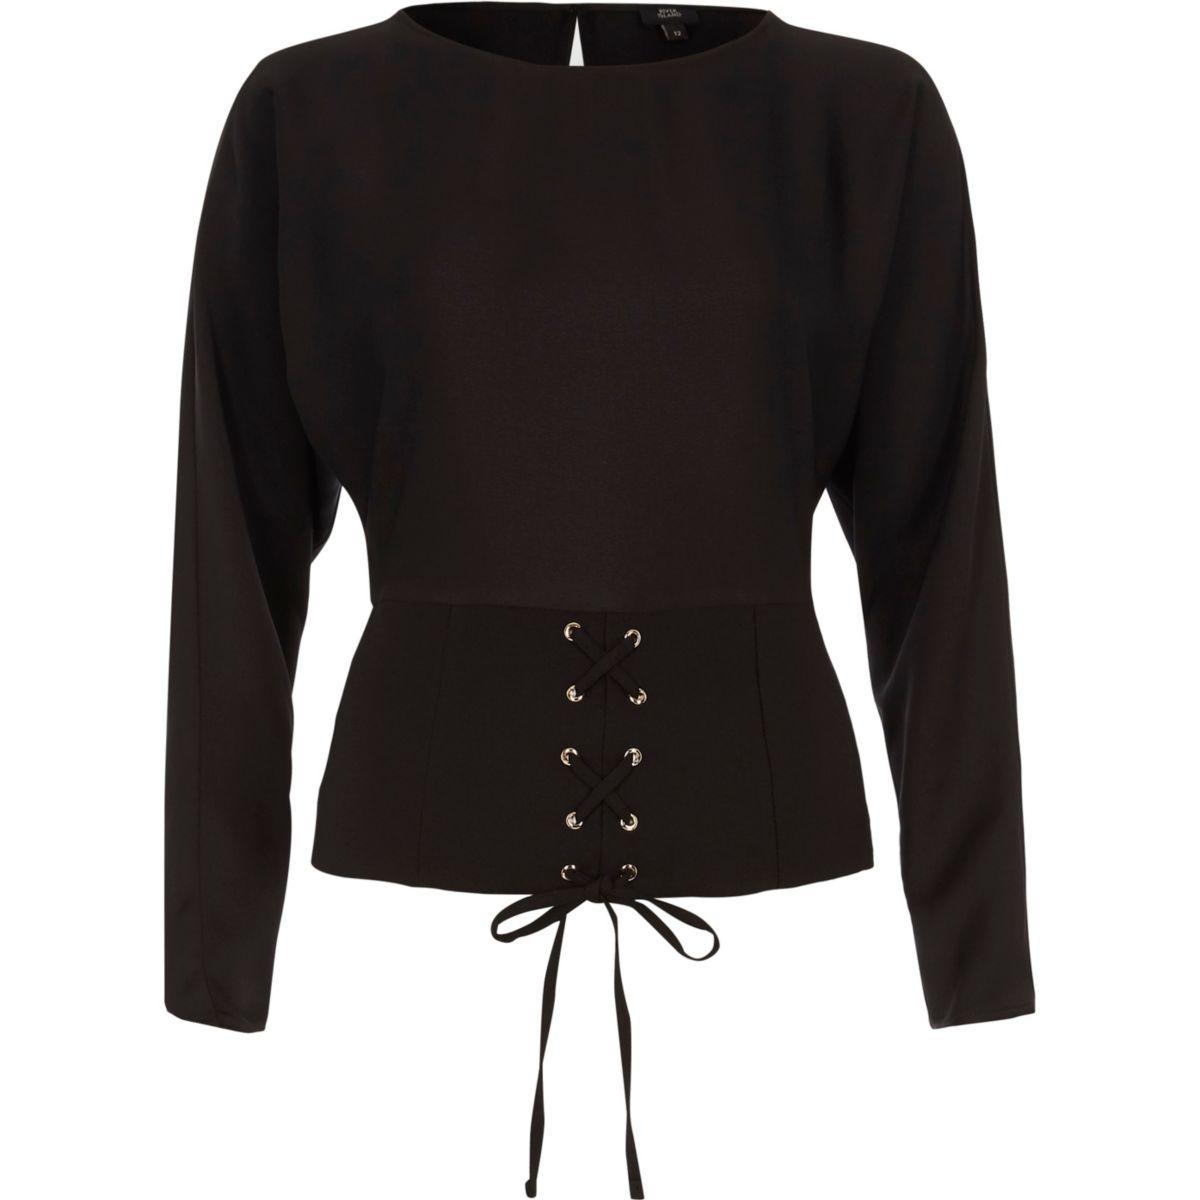 Top noir à laçage corset devant et manches longues